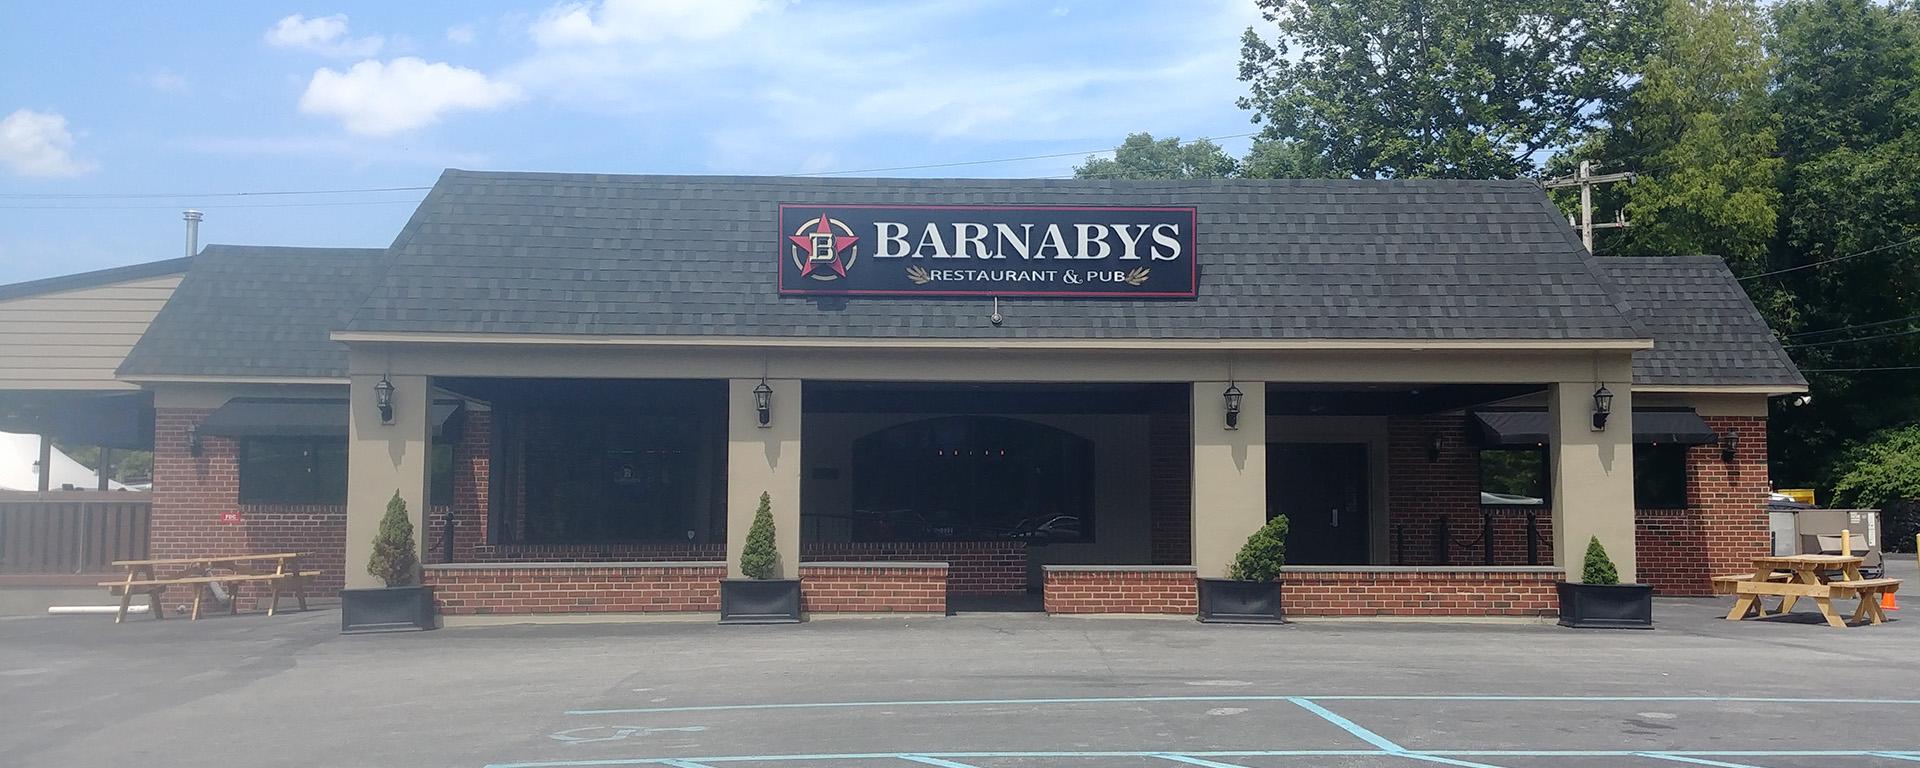 Barnaby's Havertown